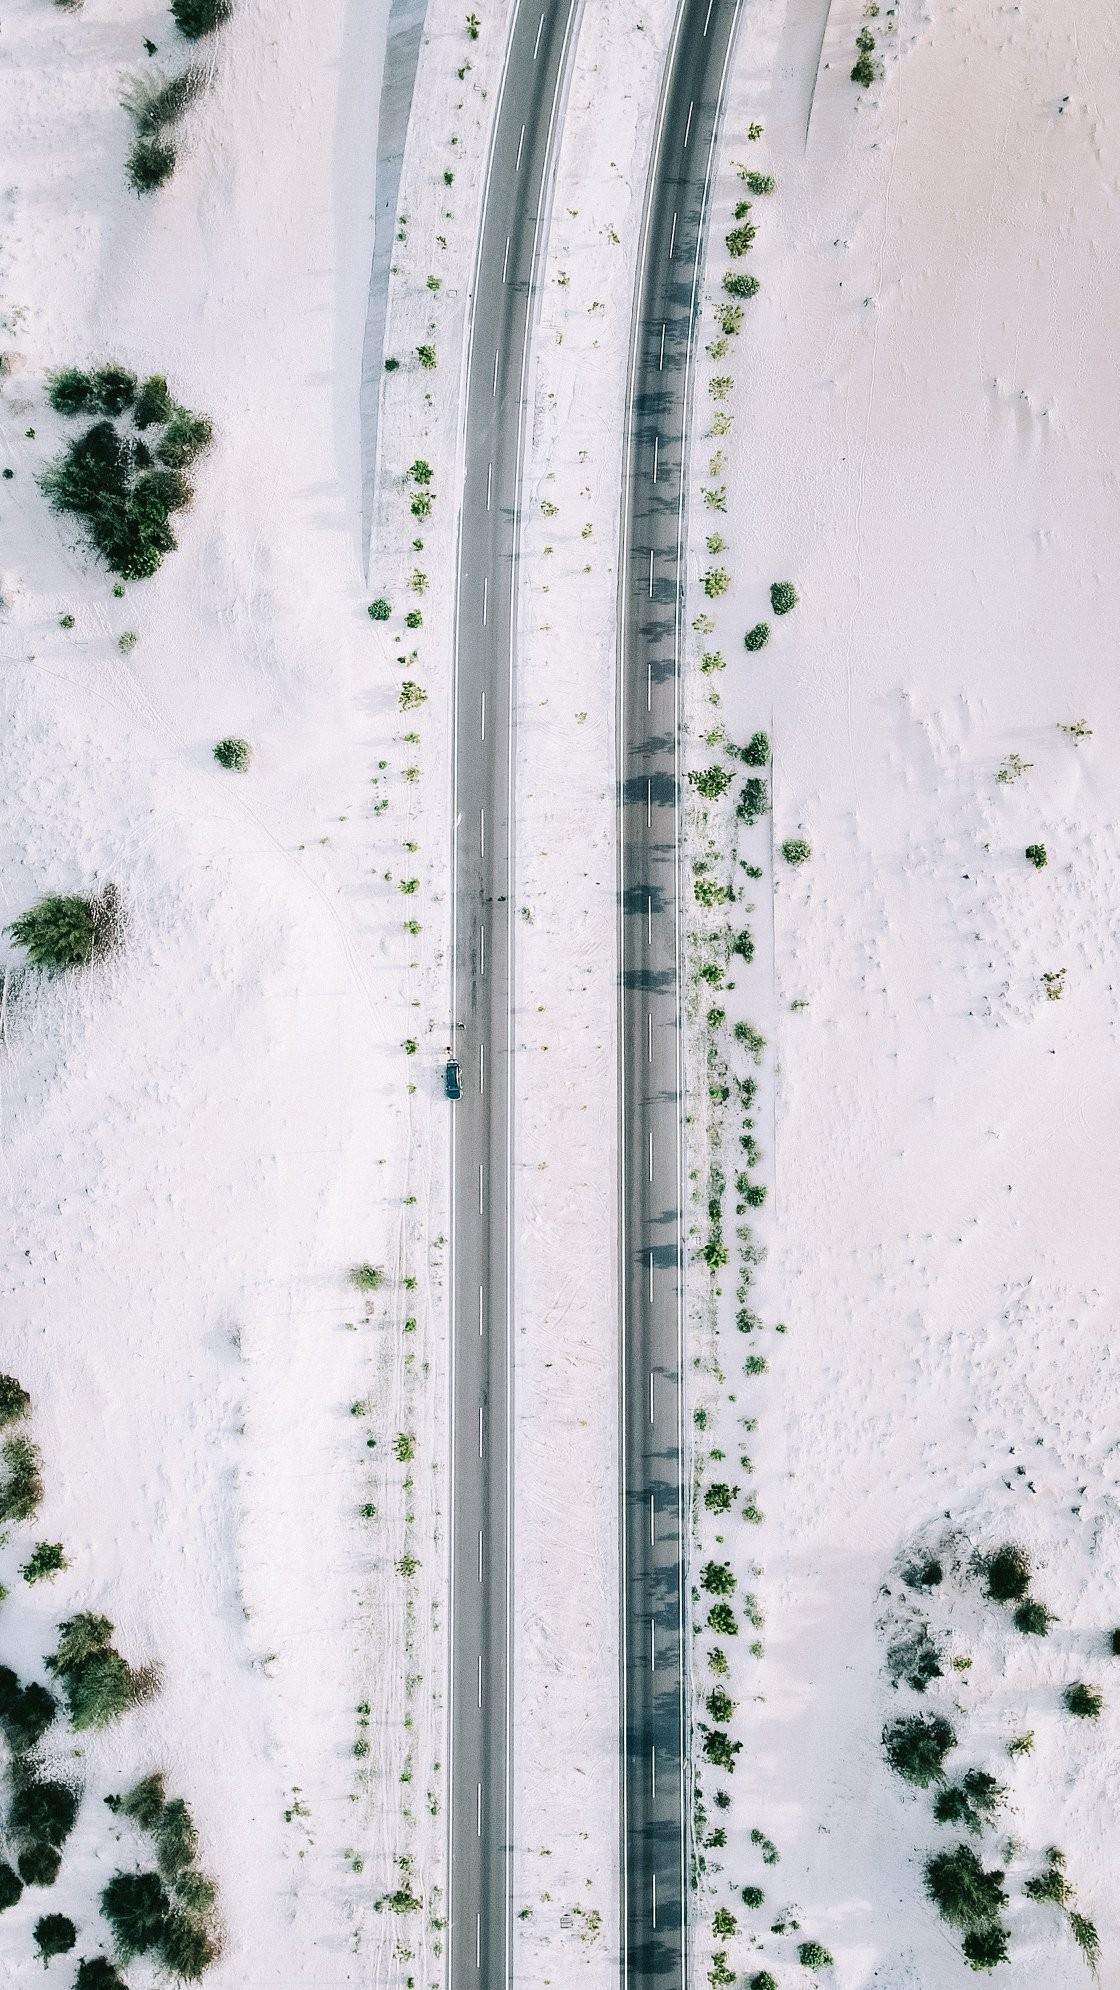 Đi đâu đón 2021: Cung đường biển phủ đầy cát trắng đẹp nhất Việt Nam ảnh 3